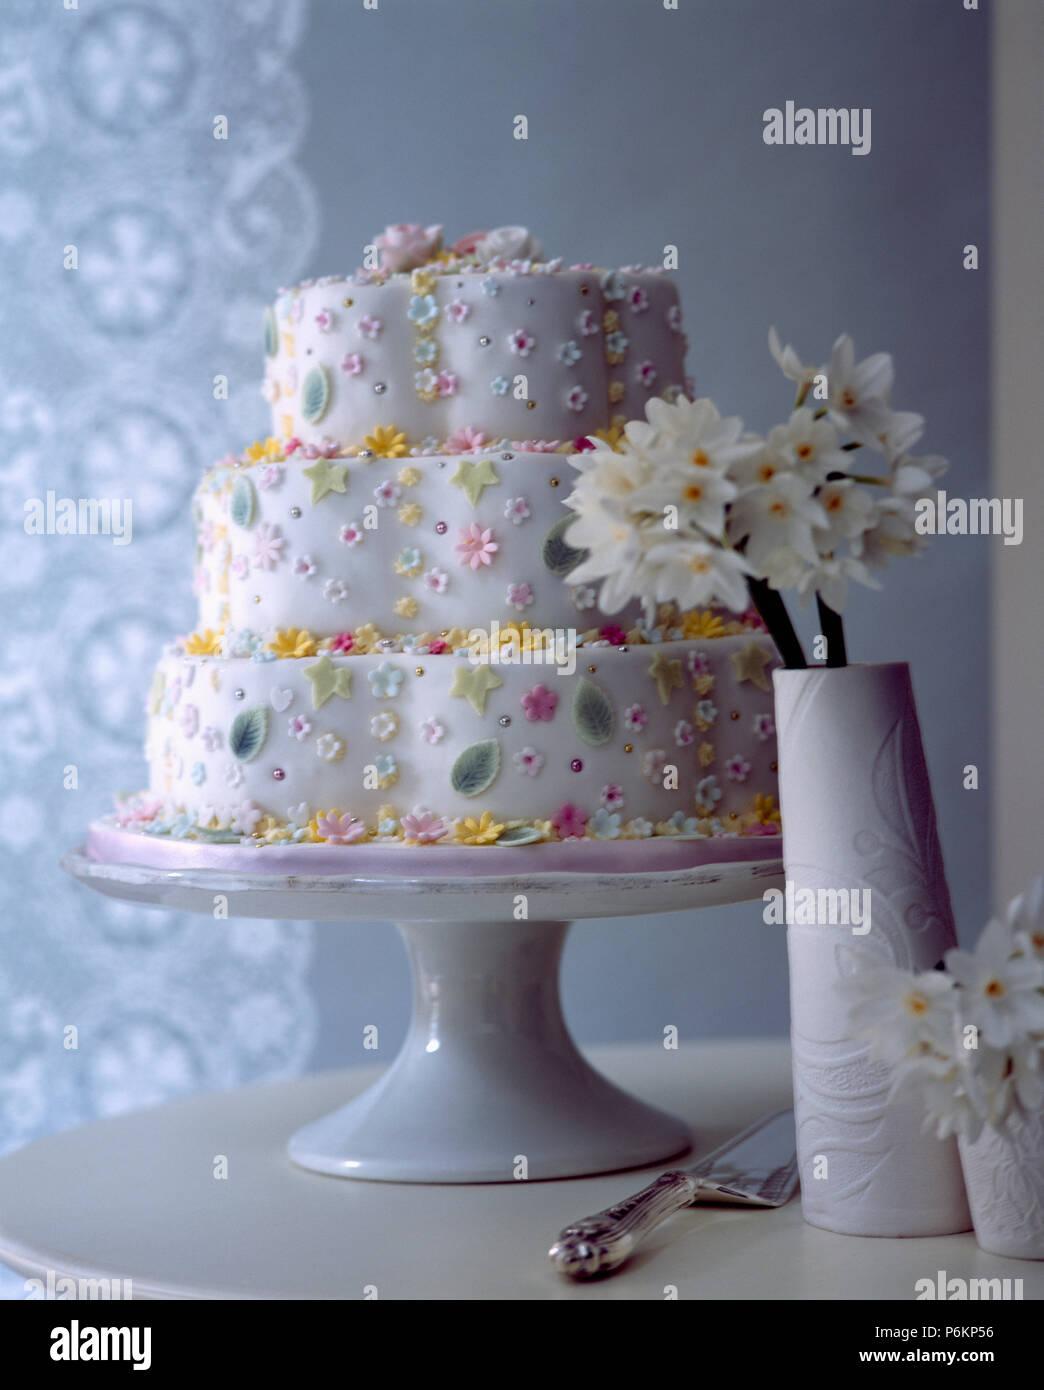 In Der Nahe Von Drei Tier Iced Geburtstag Kuchen Mit Puderzucker